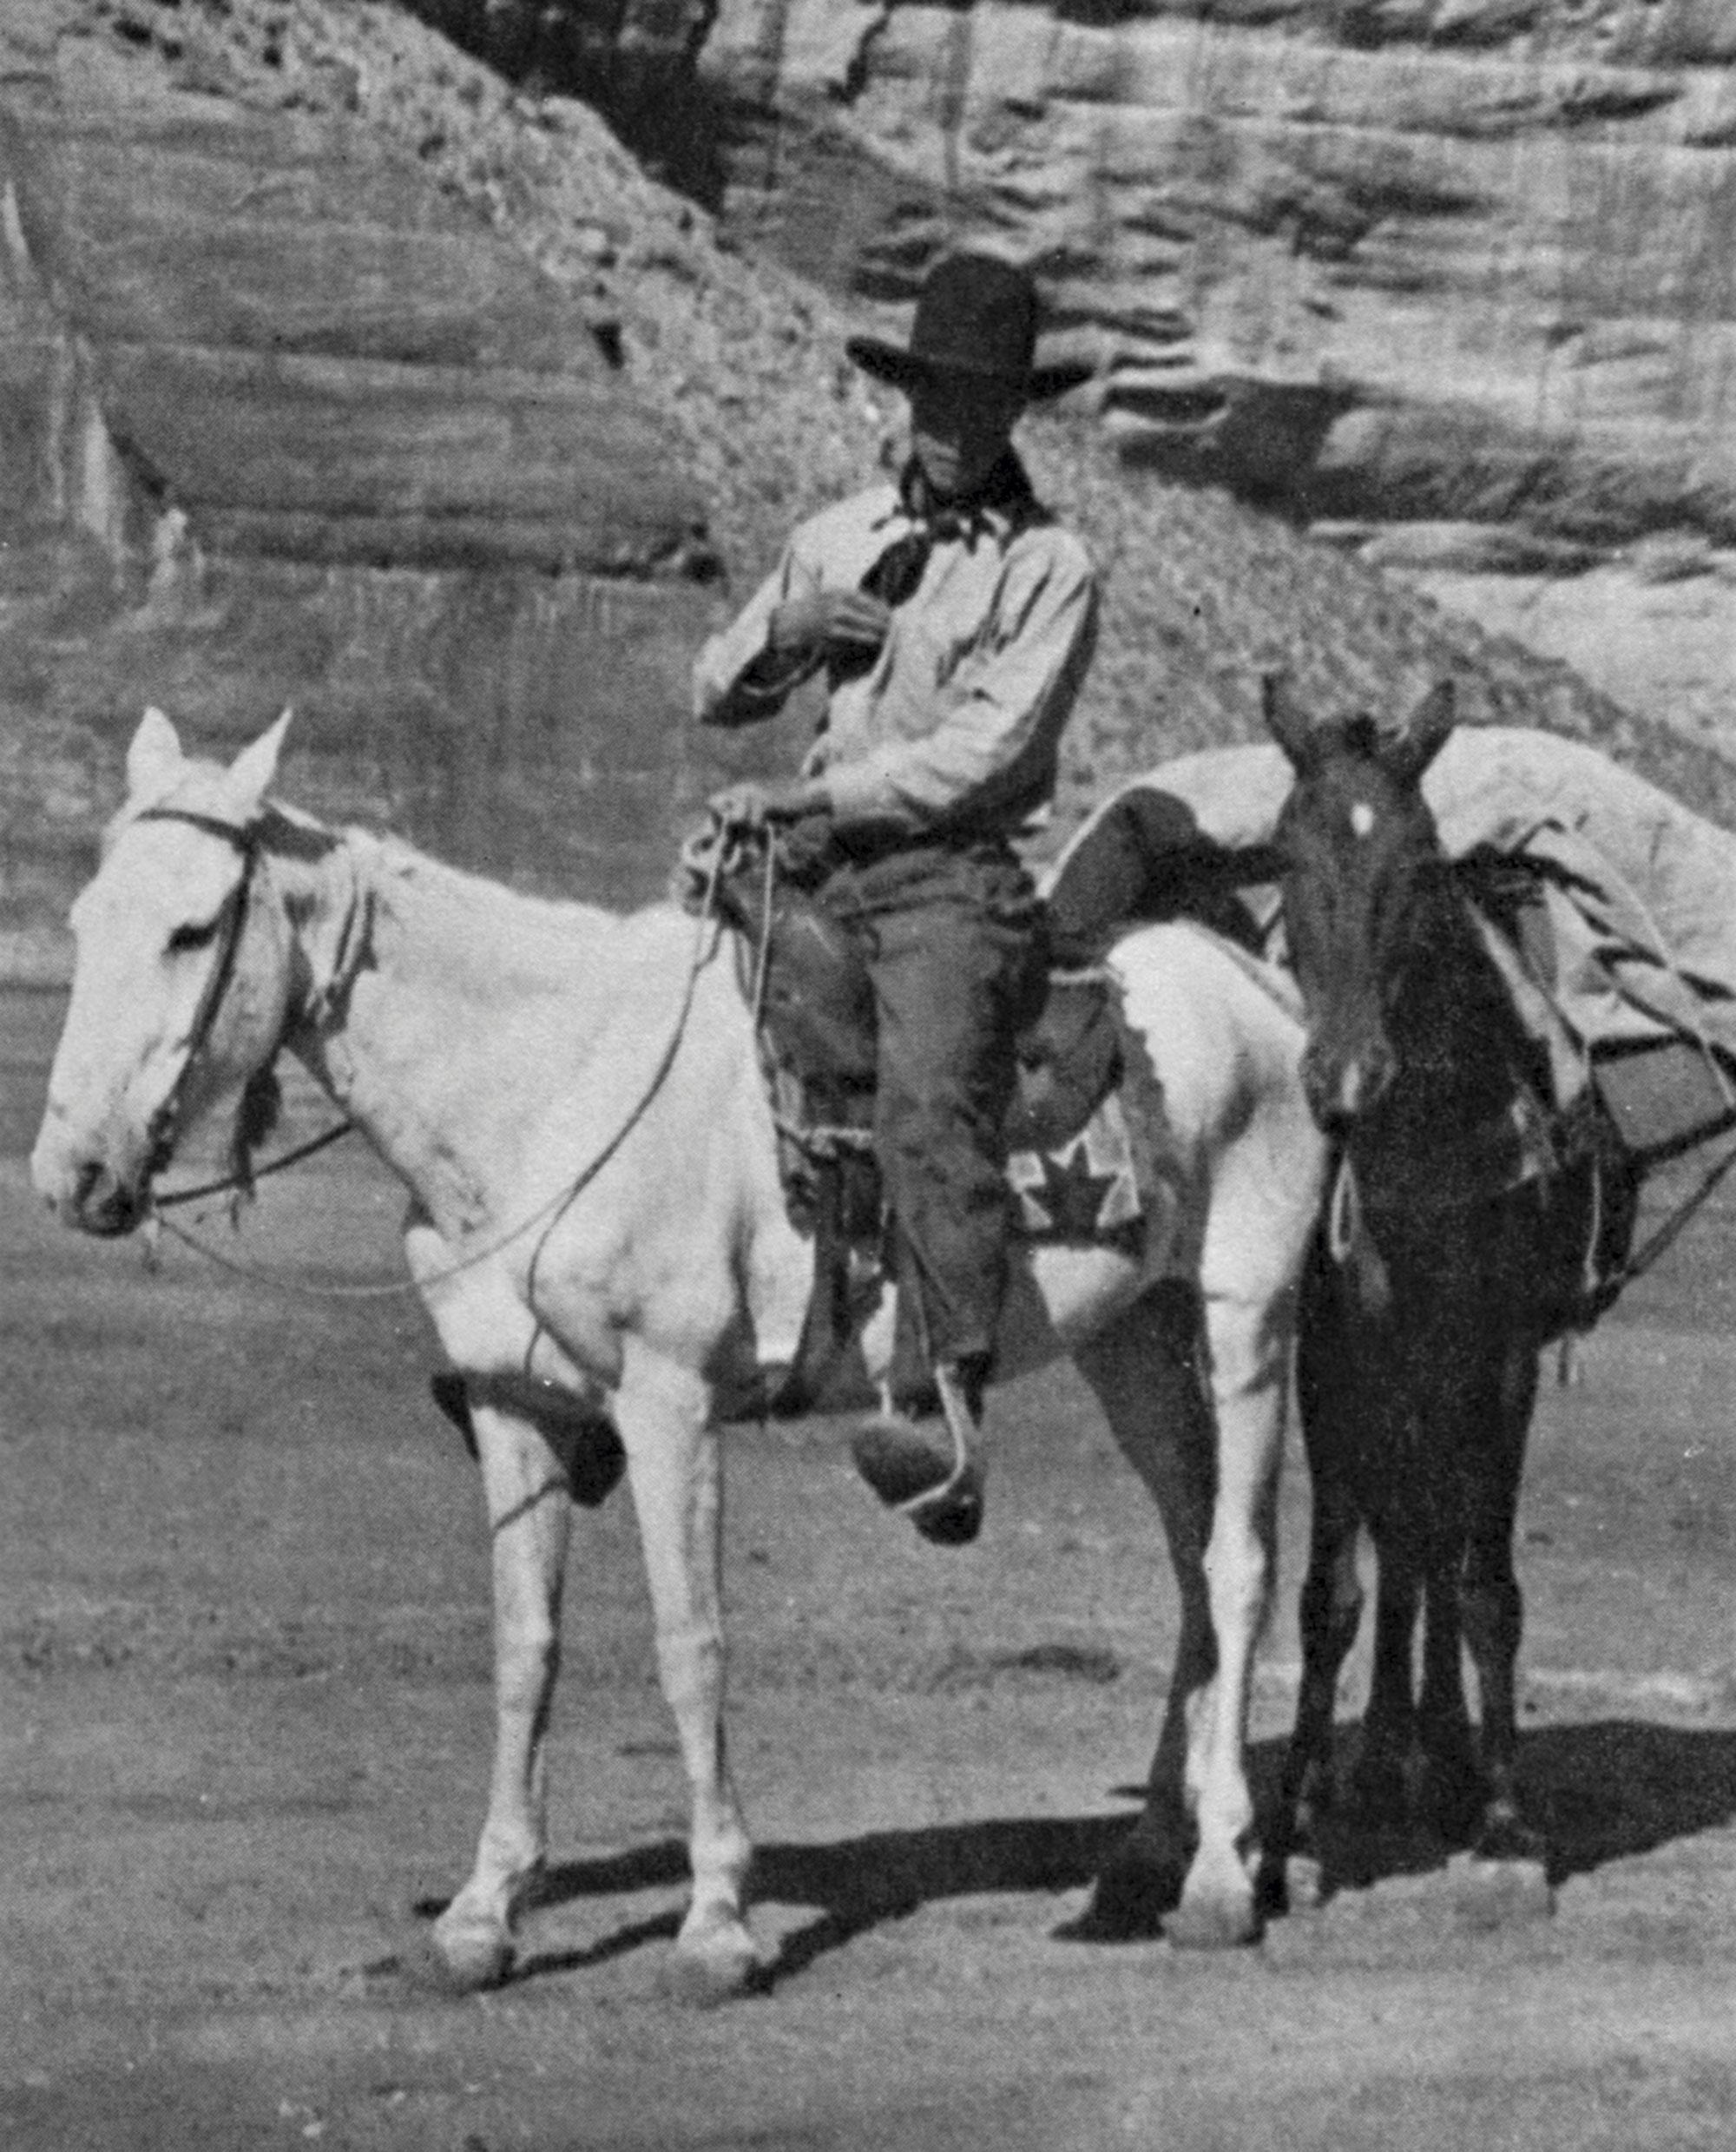 Ruess at Canyon de Chelly in Arizona, 1932; Photo courtesy Steven Jerman